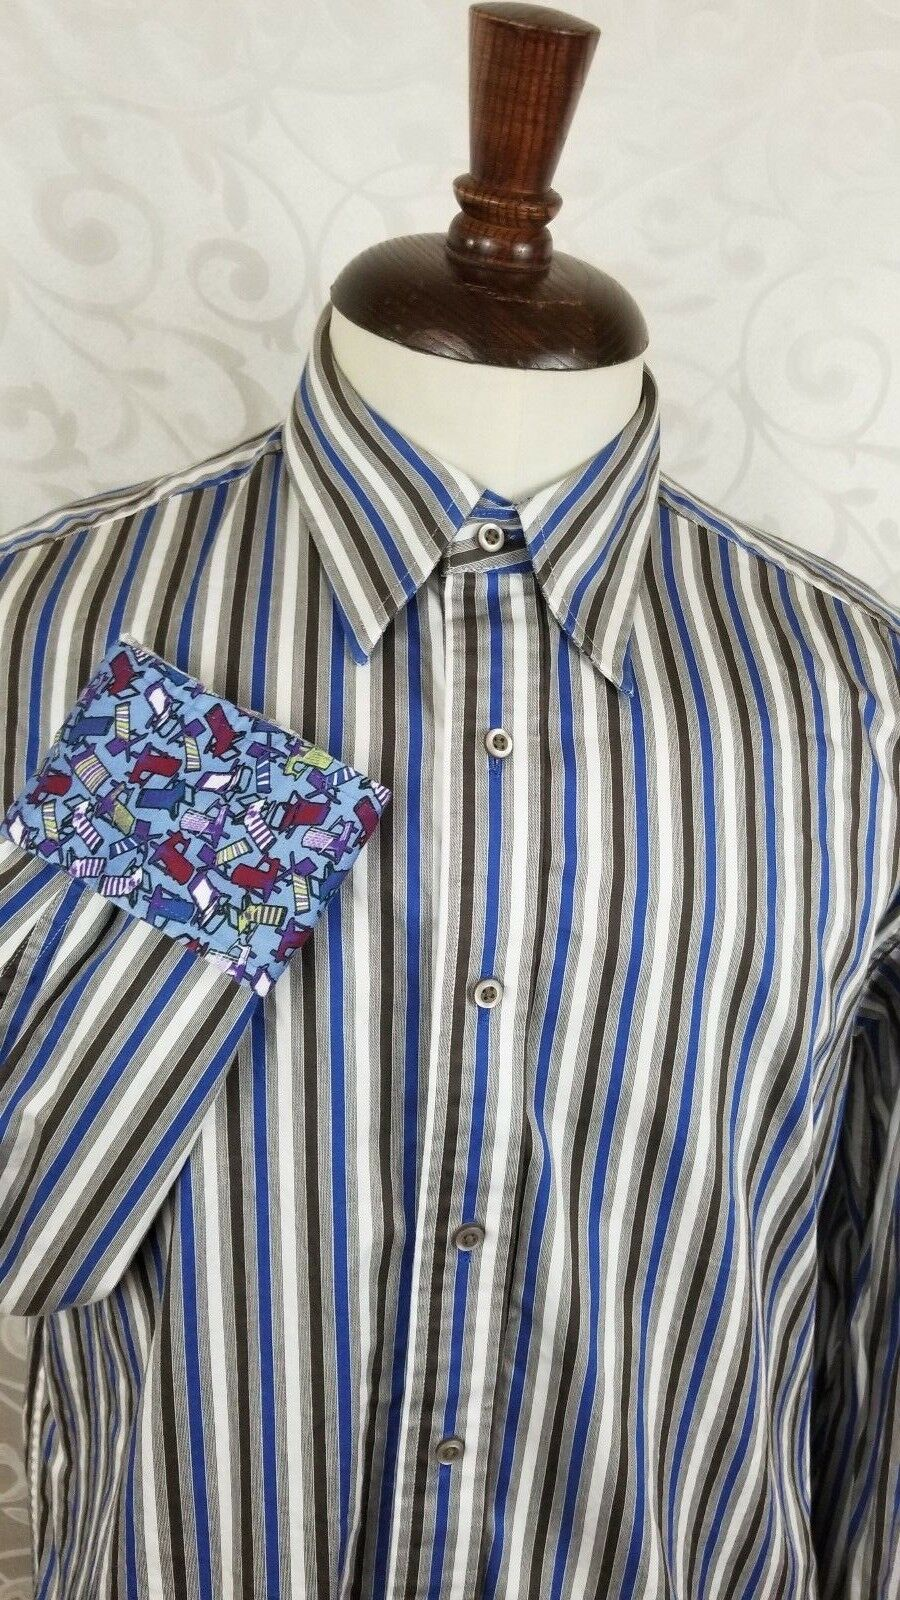 Robert Graham Men's Button Front Shirt Large Striped Beach Chairs Flip Cuff EUC